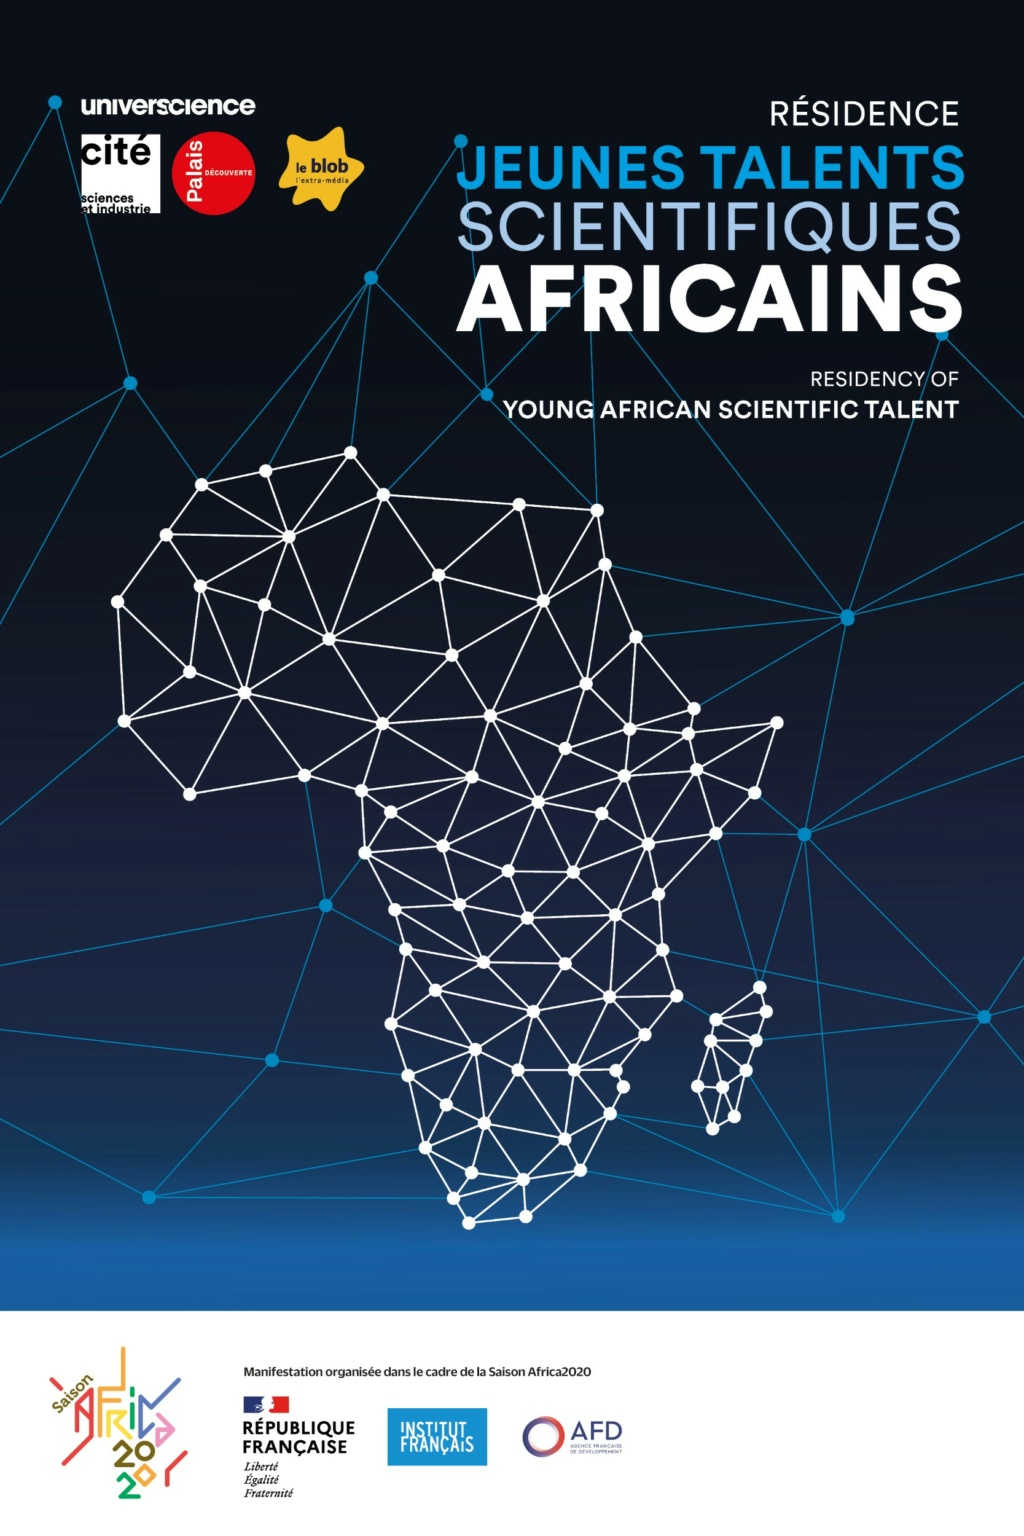 Résidence Jeunes talents scientifiques Africains en octobre 2021 à la Cité des Sciencesés Rzosid10